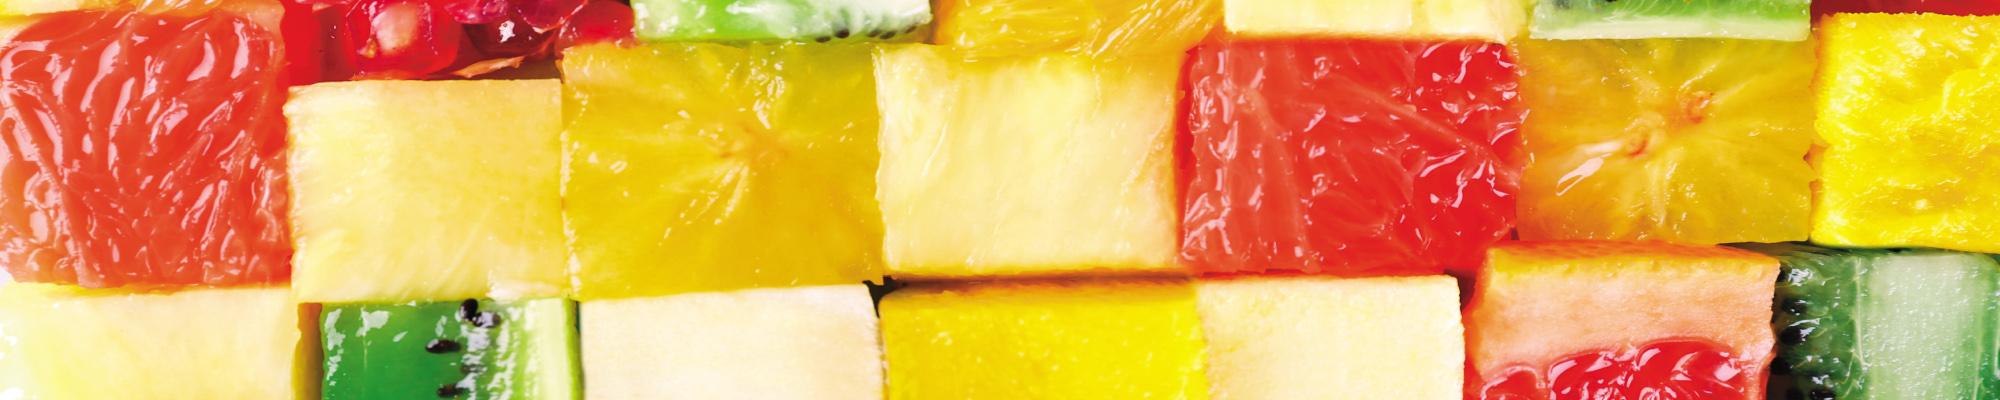 h_cannedfruit2